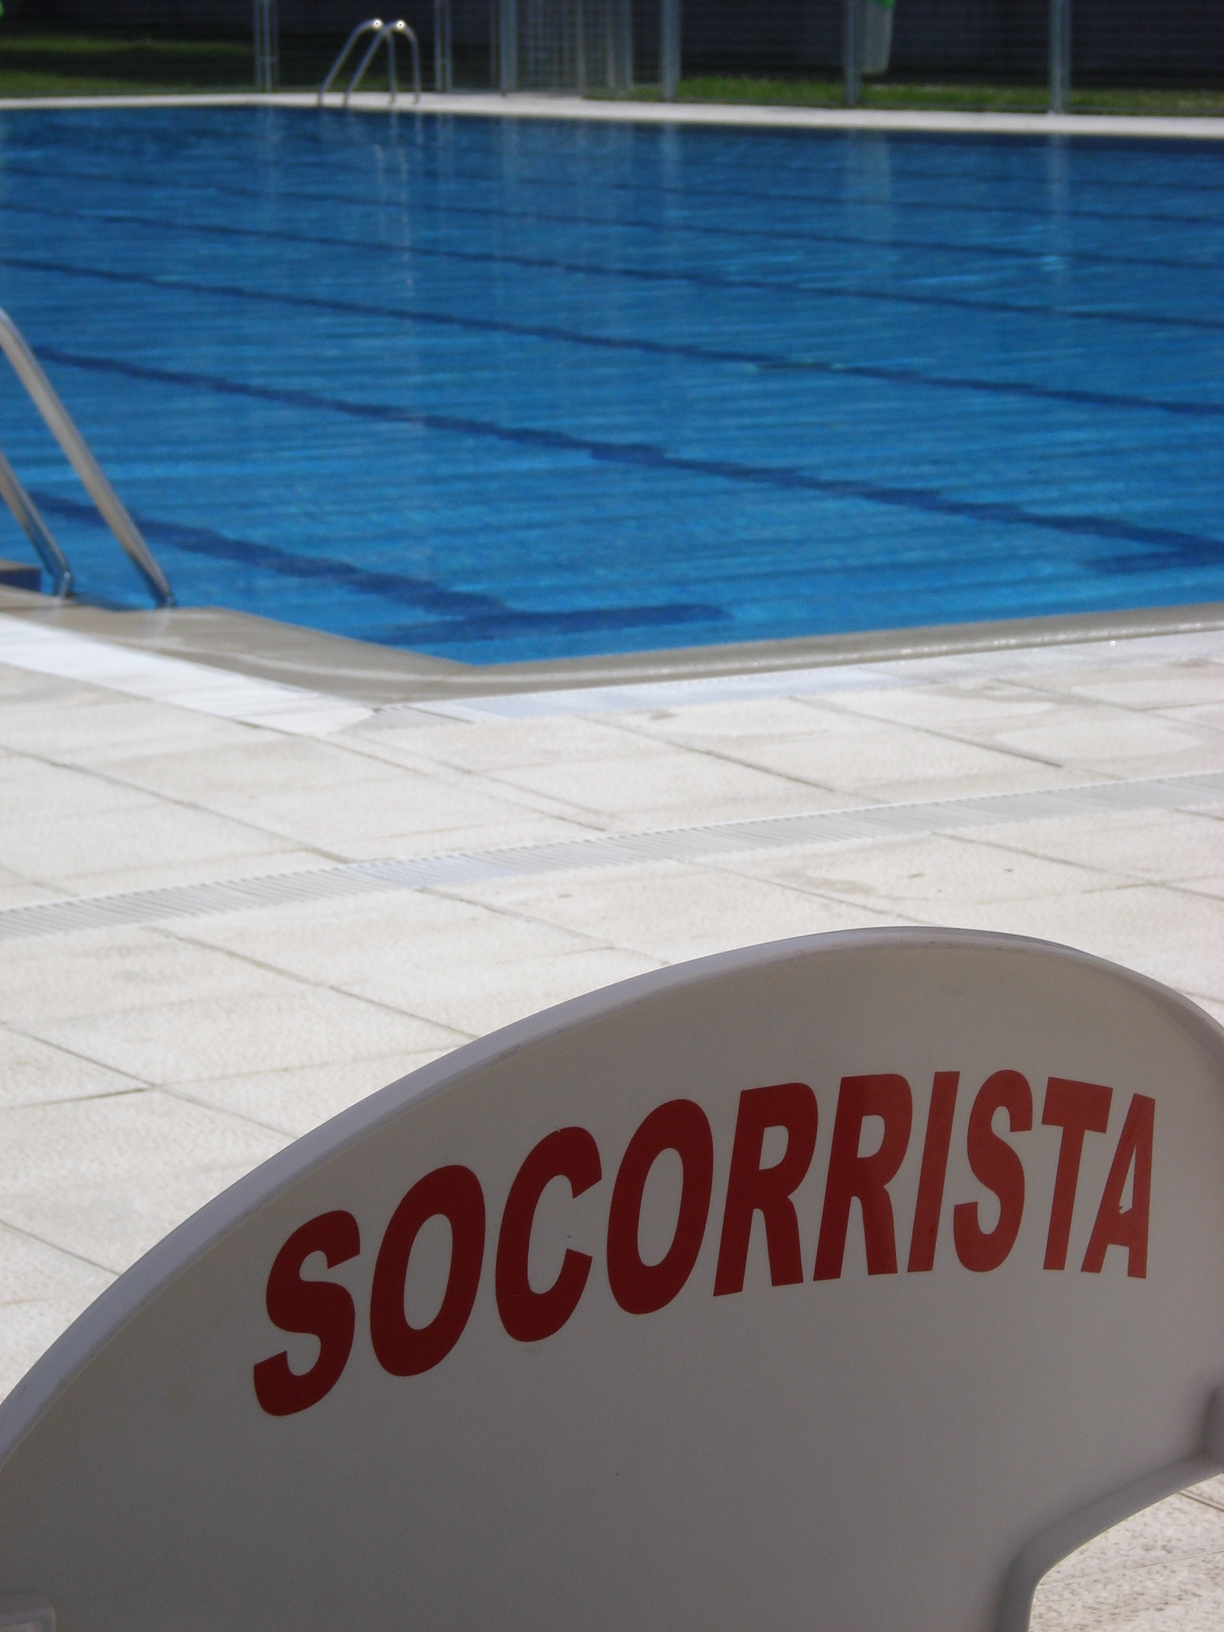 Imagen de la silla de un socorrista acuático en una piscina con el letrero Socorrista